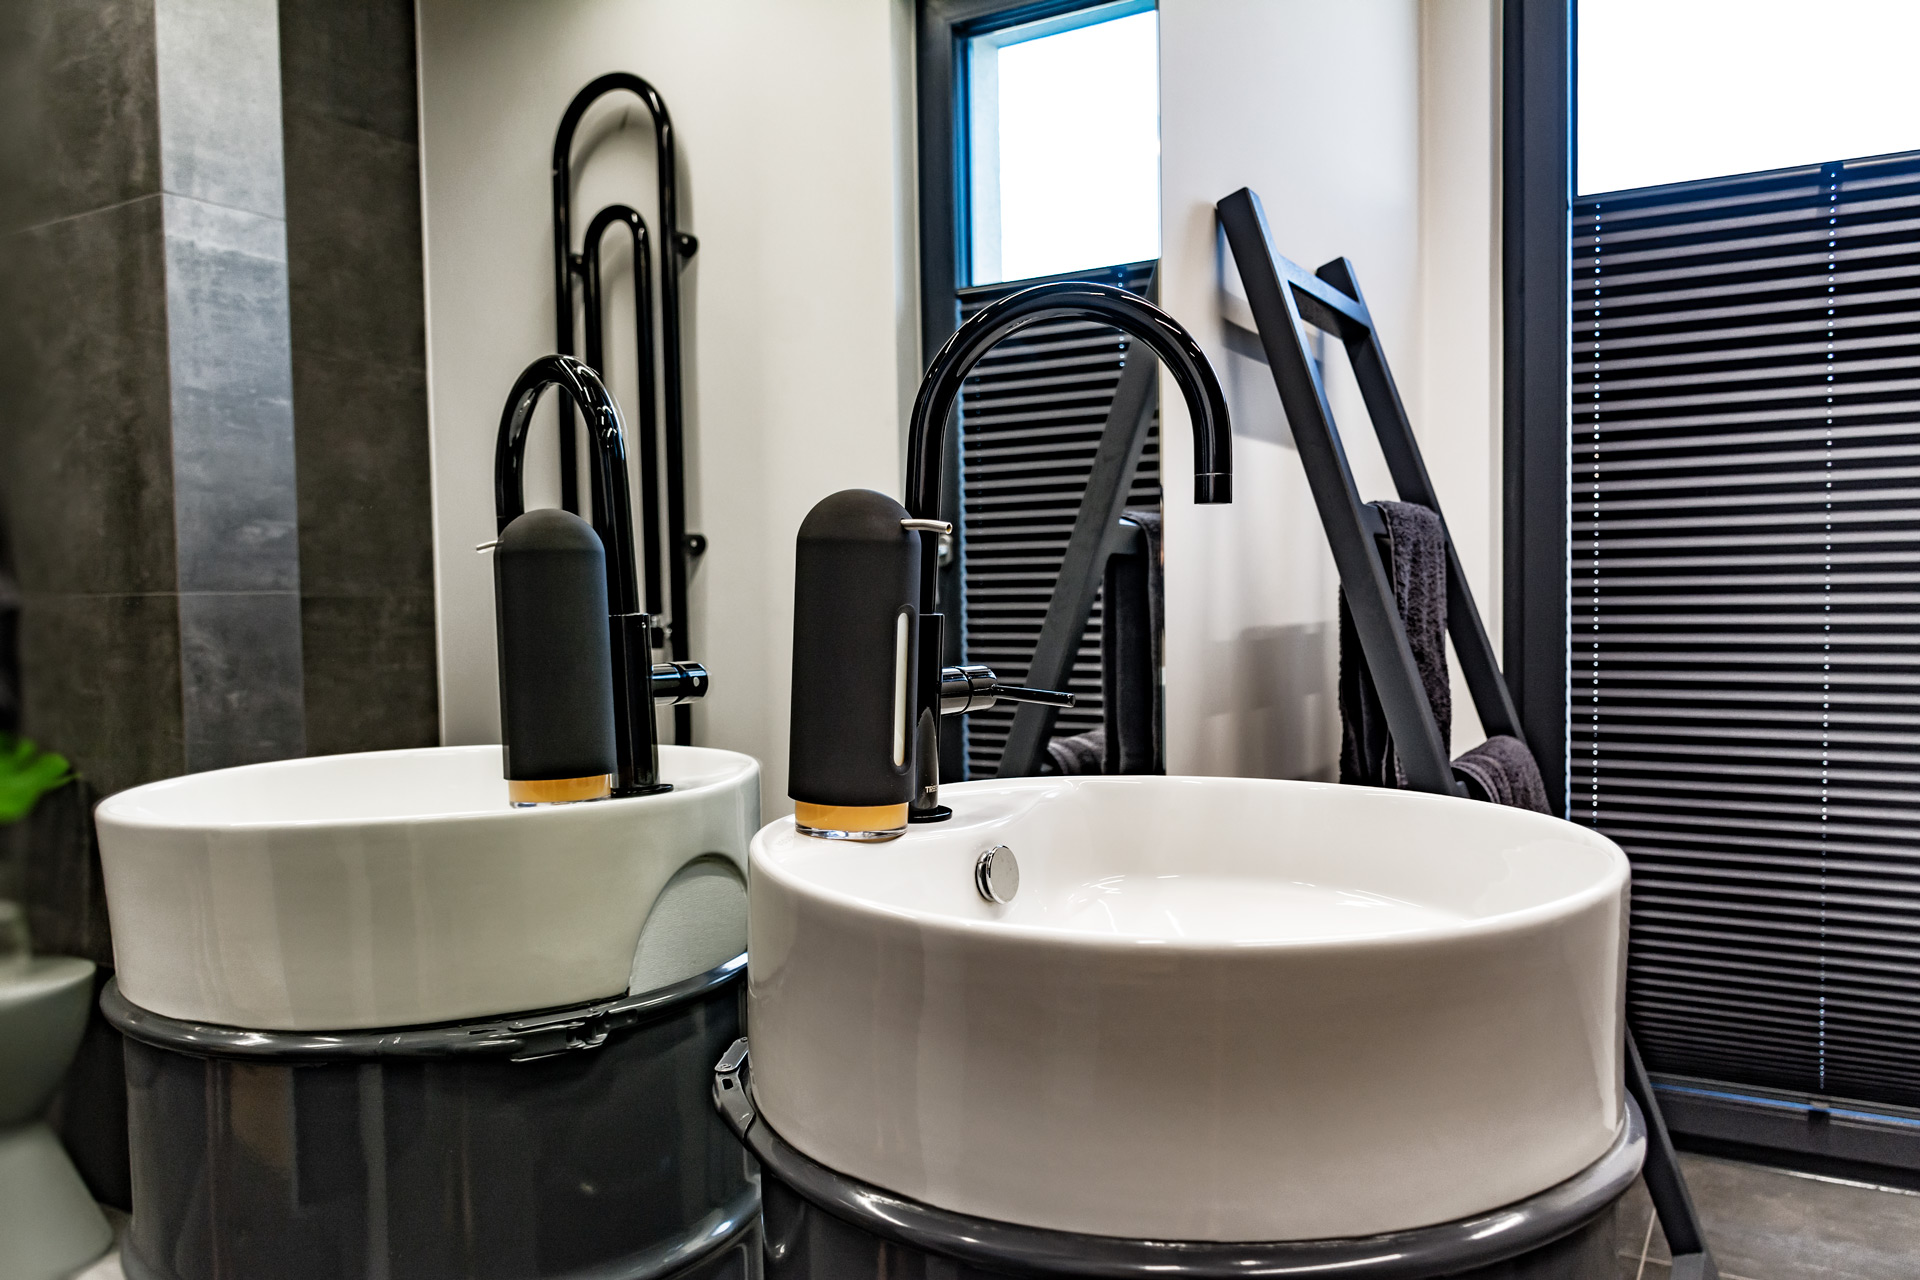 Okno łazienki można całkowicie zasłonić plisowaną roletą, która przepuszcza światło, zapewniając jednocześnie intymność.